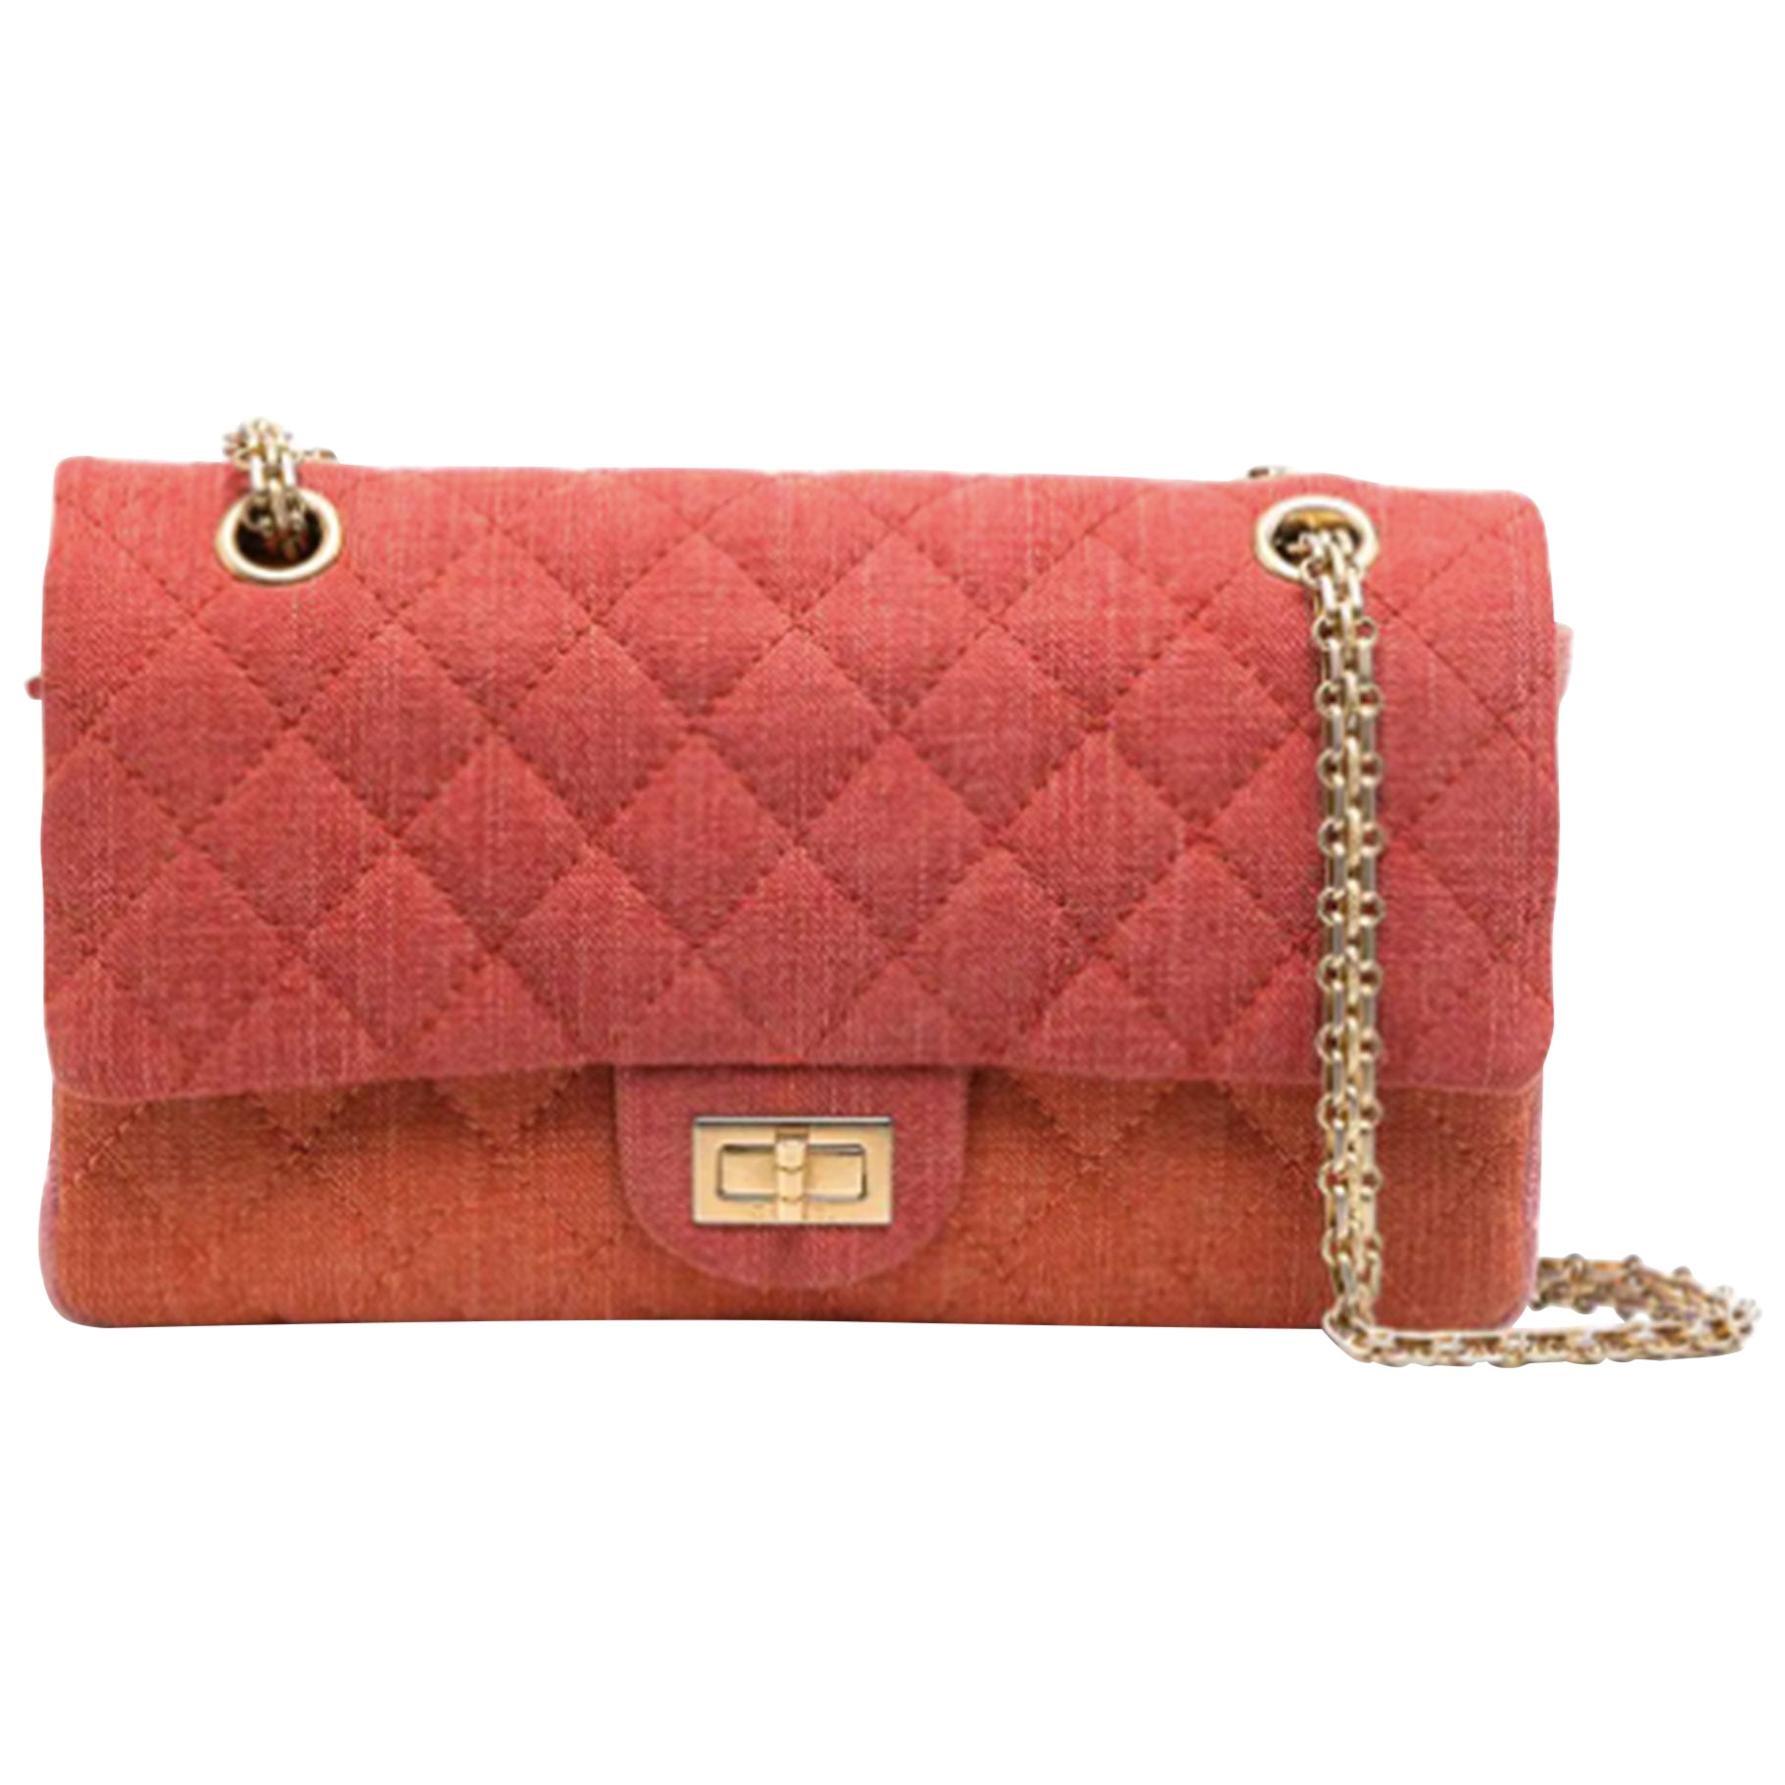 Chanel Vintage Timeless Orange Pink Quilted-Canvas Shoulder Bag